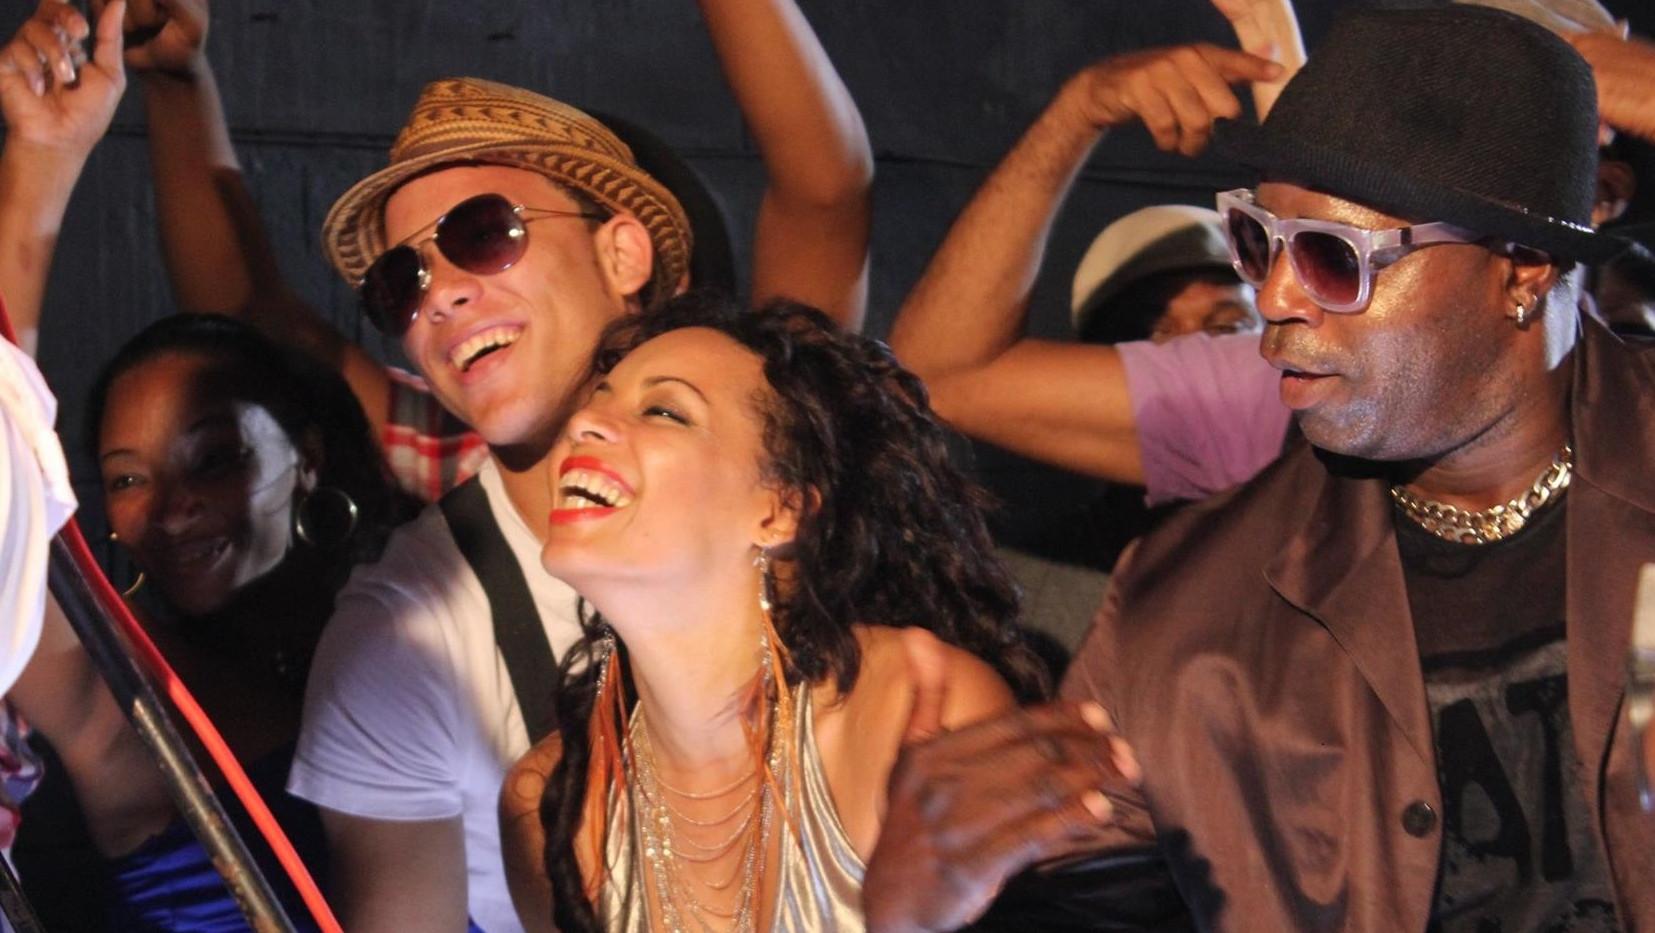 Club dance, Havana, Cuba